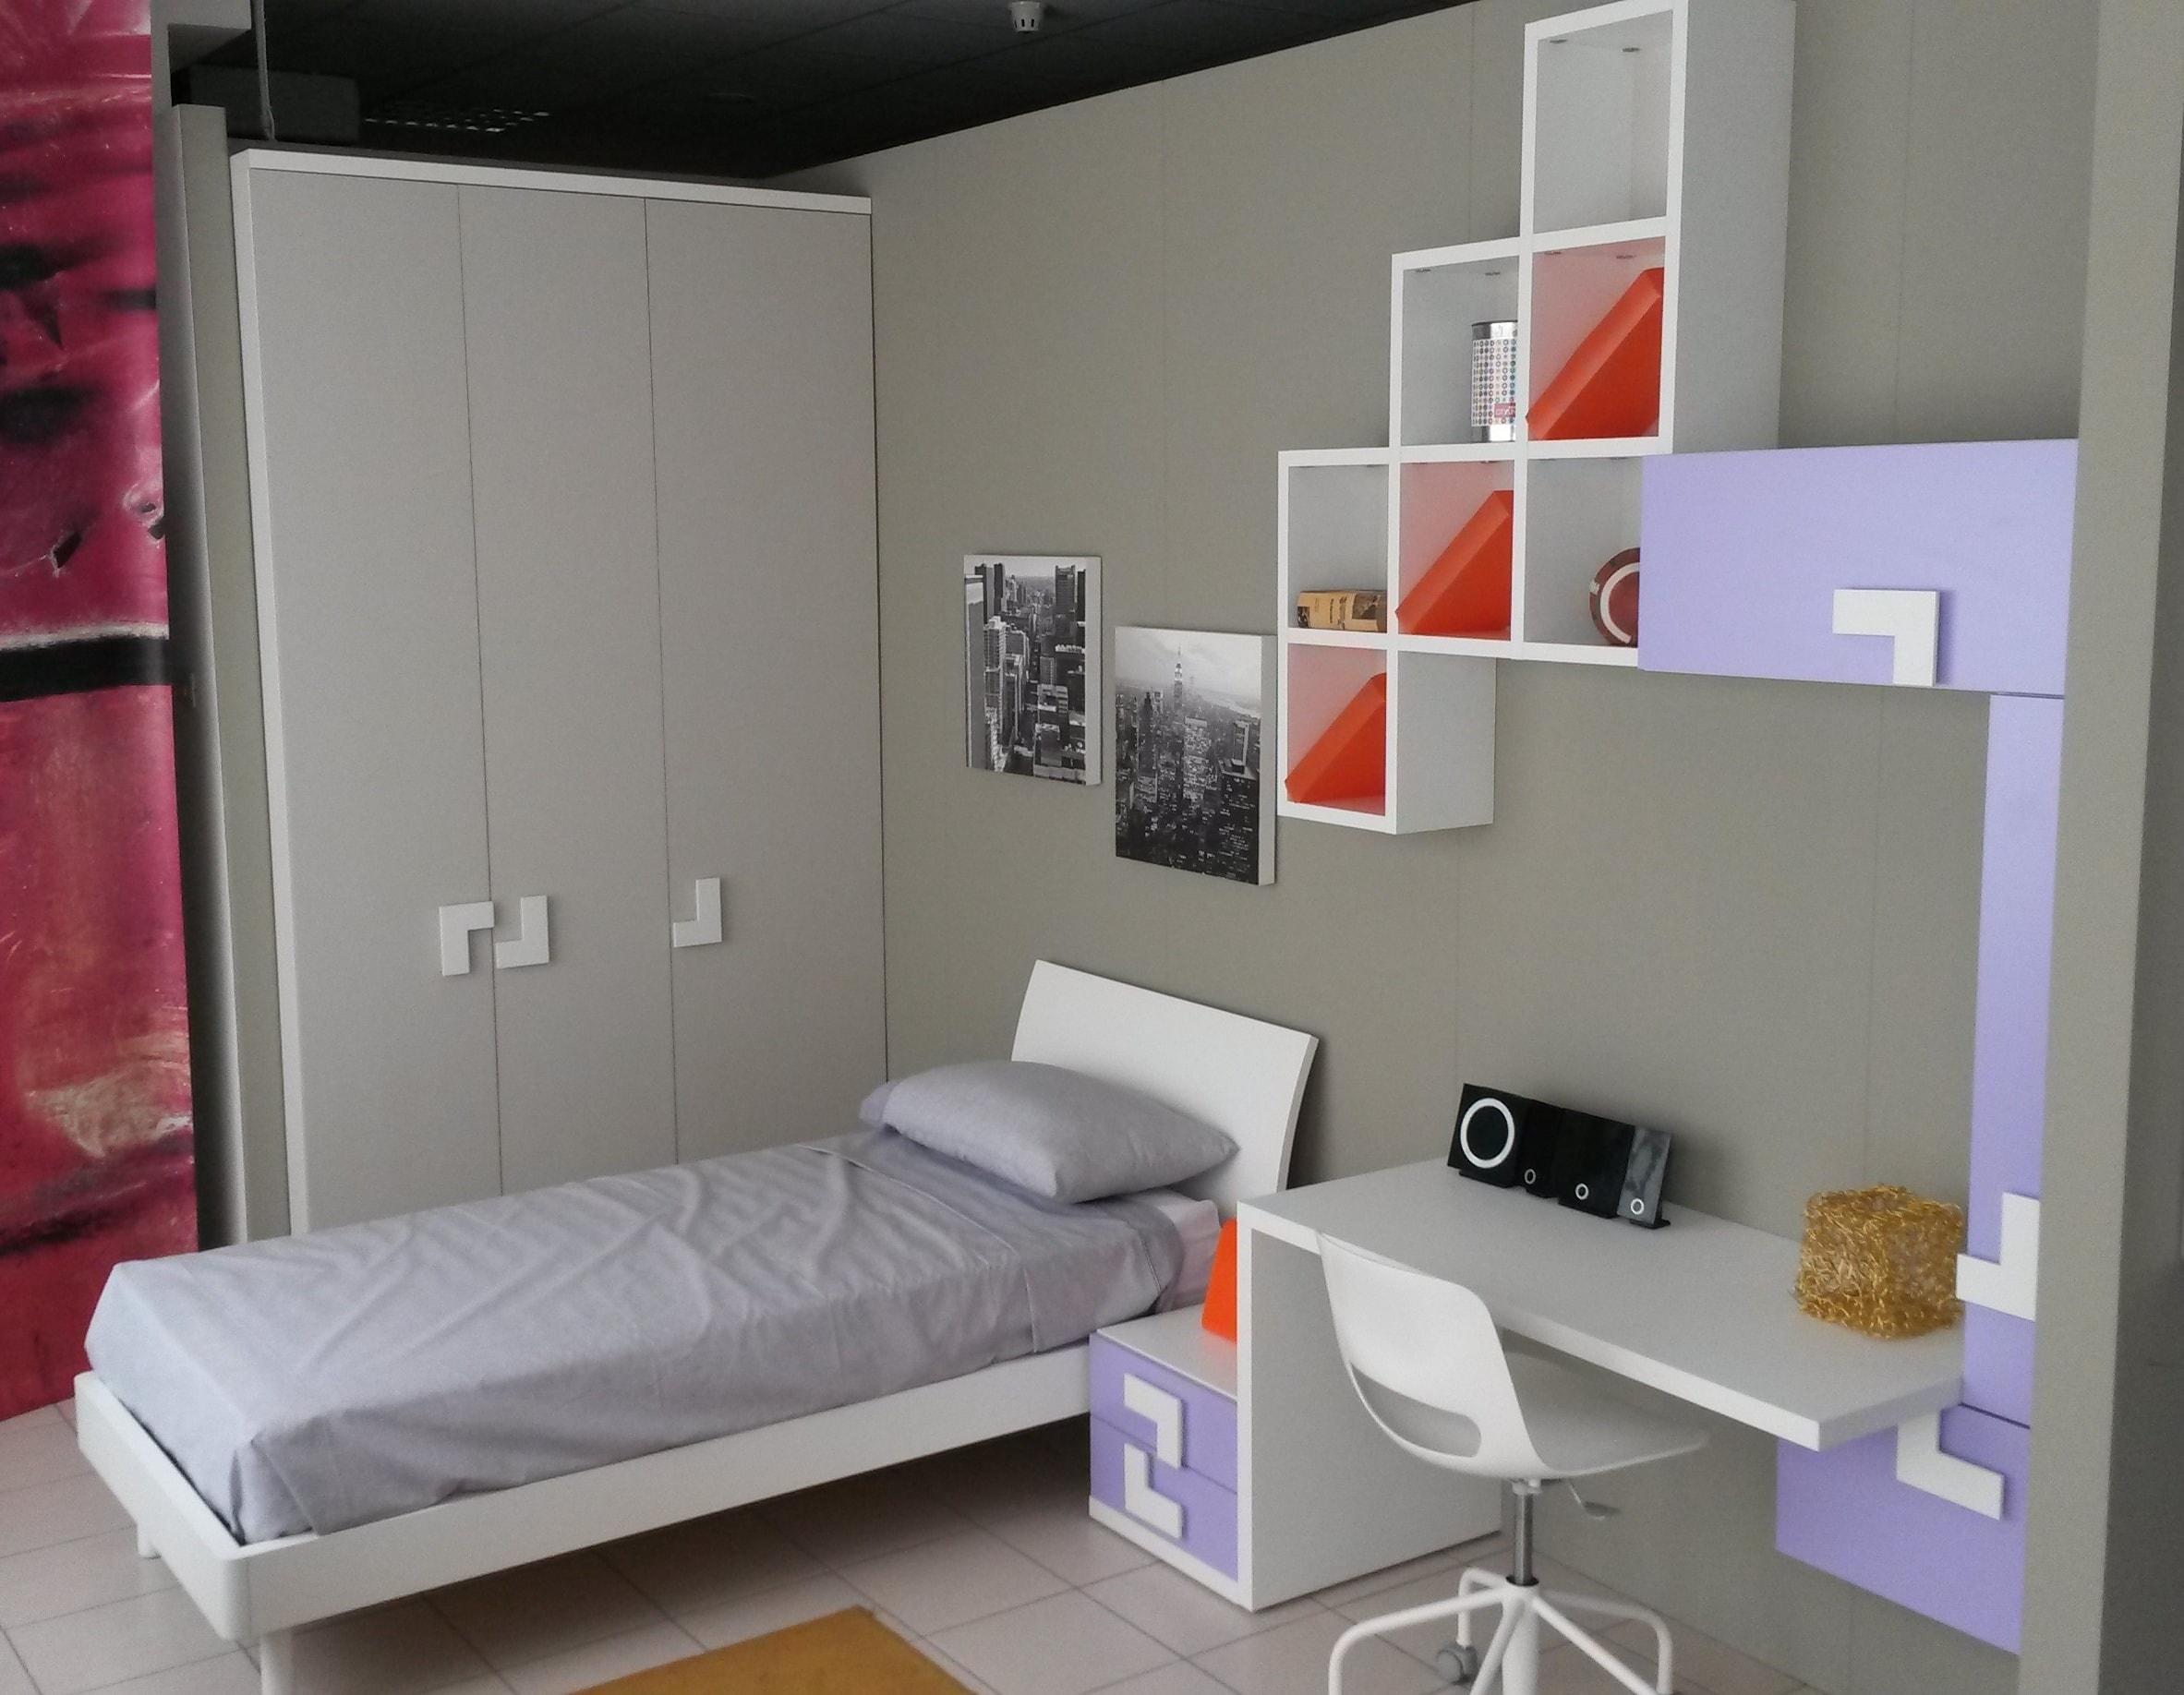 Cameretta doimo cityline over letto a terra camerette a for Crea cameretta